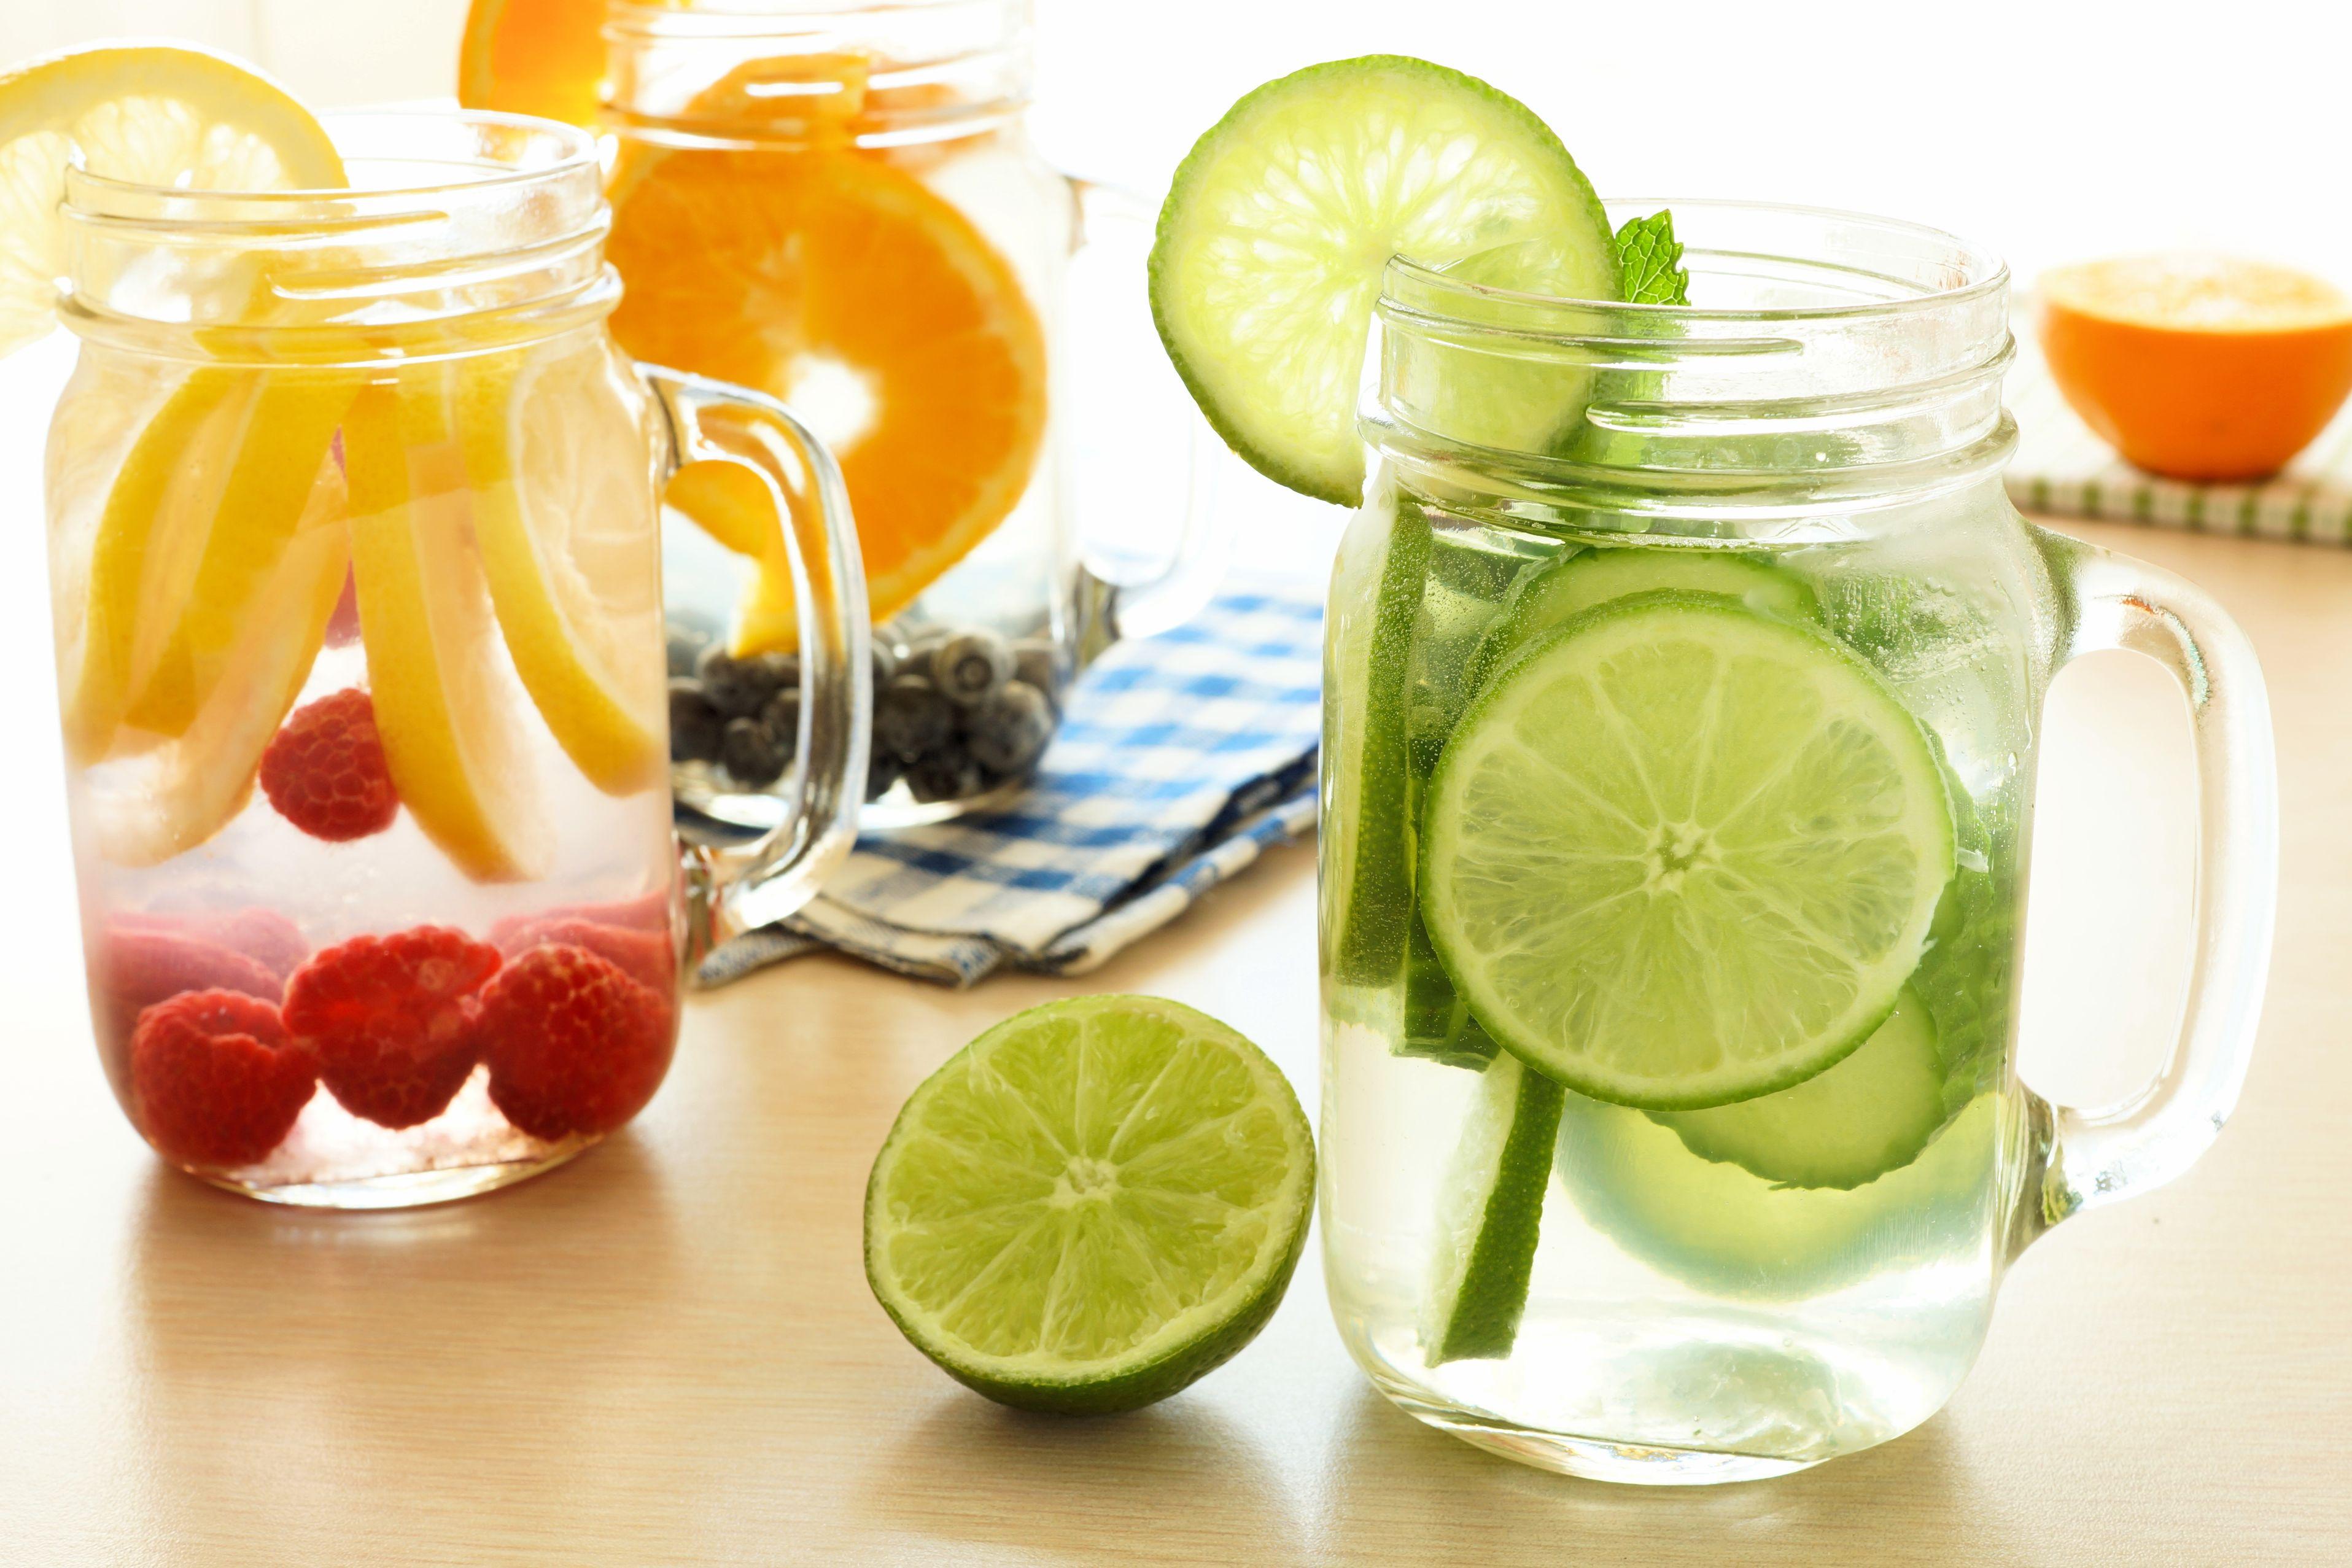 bocal boisson fruitée fraiche